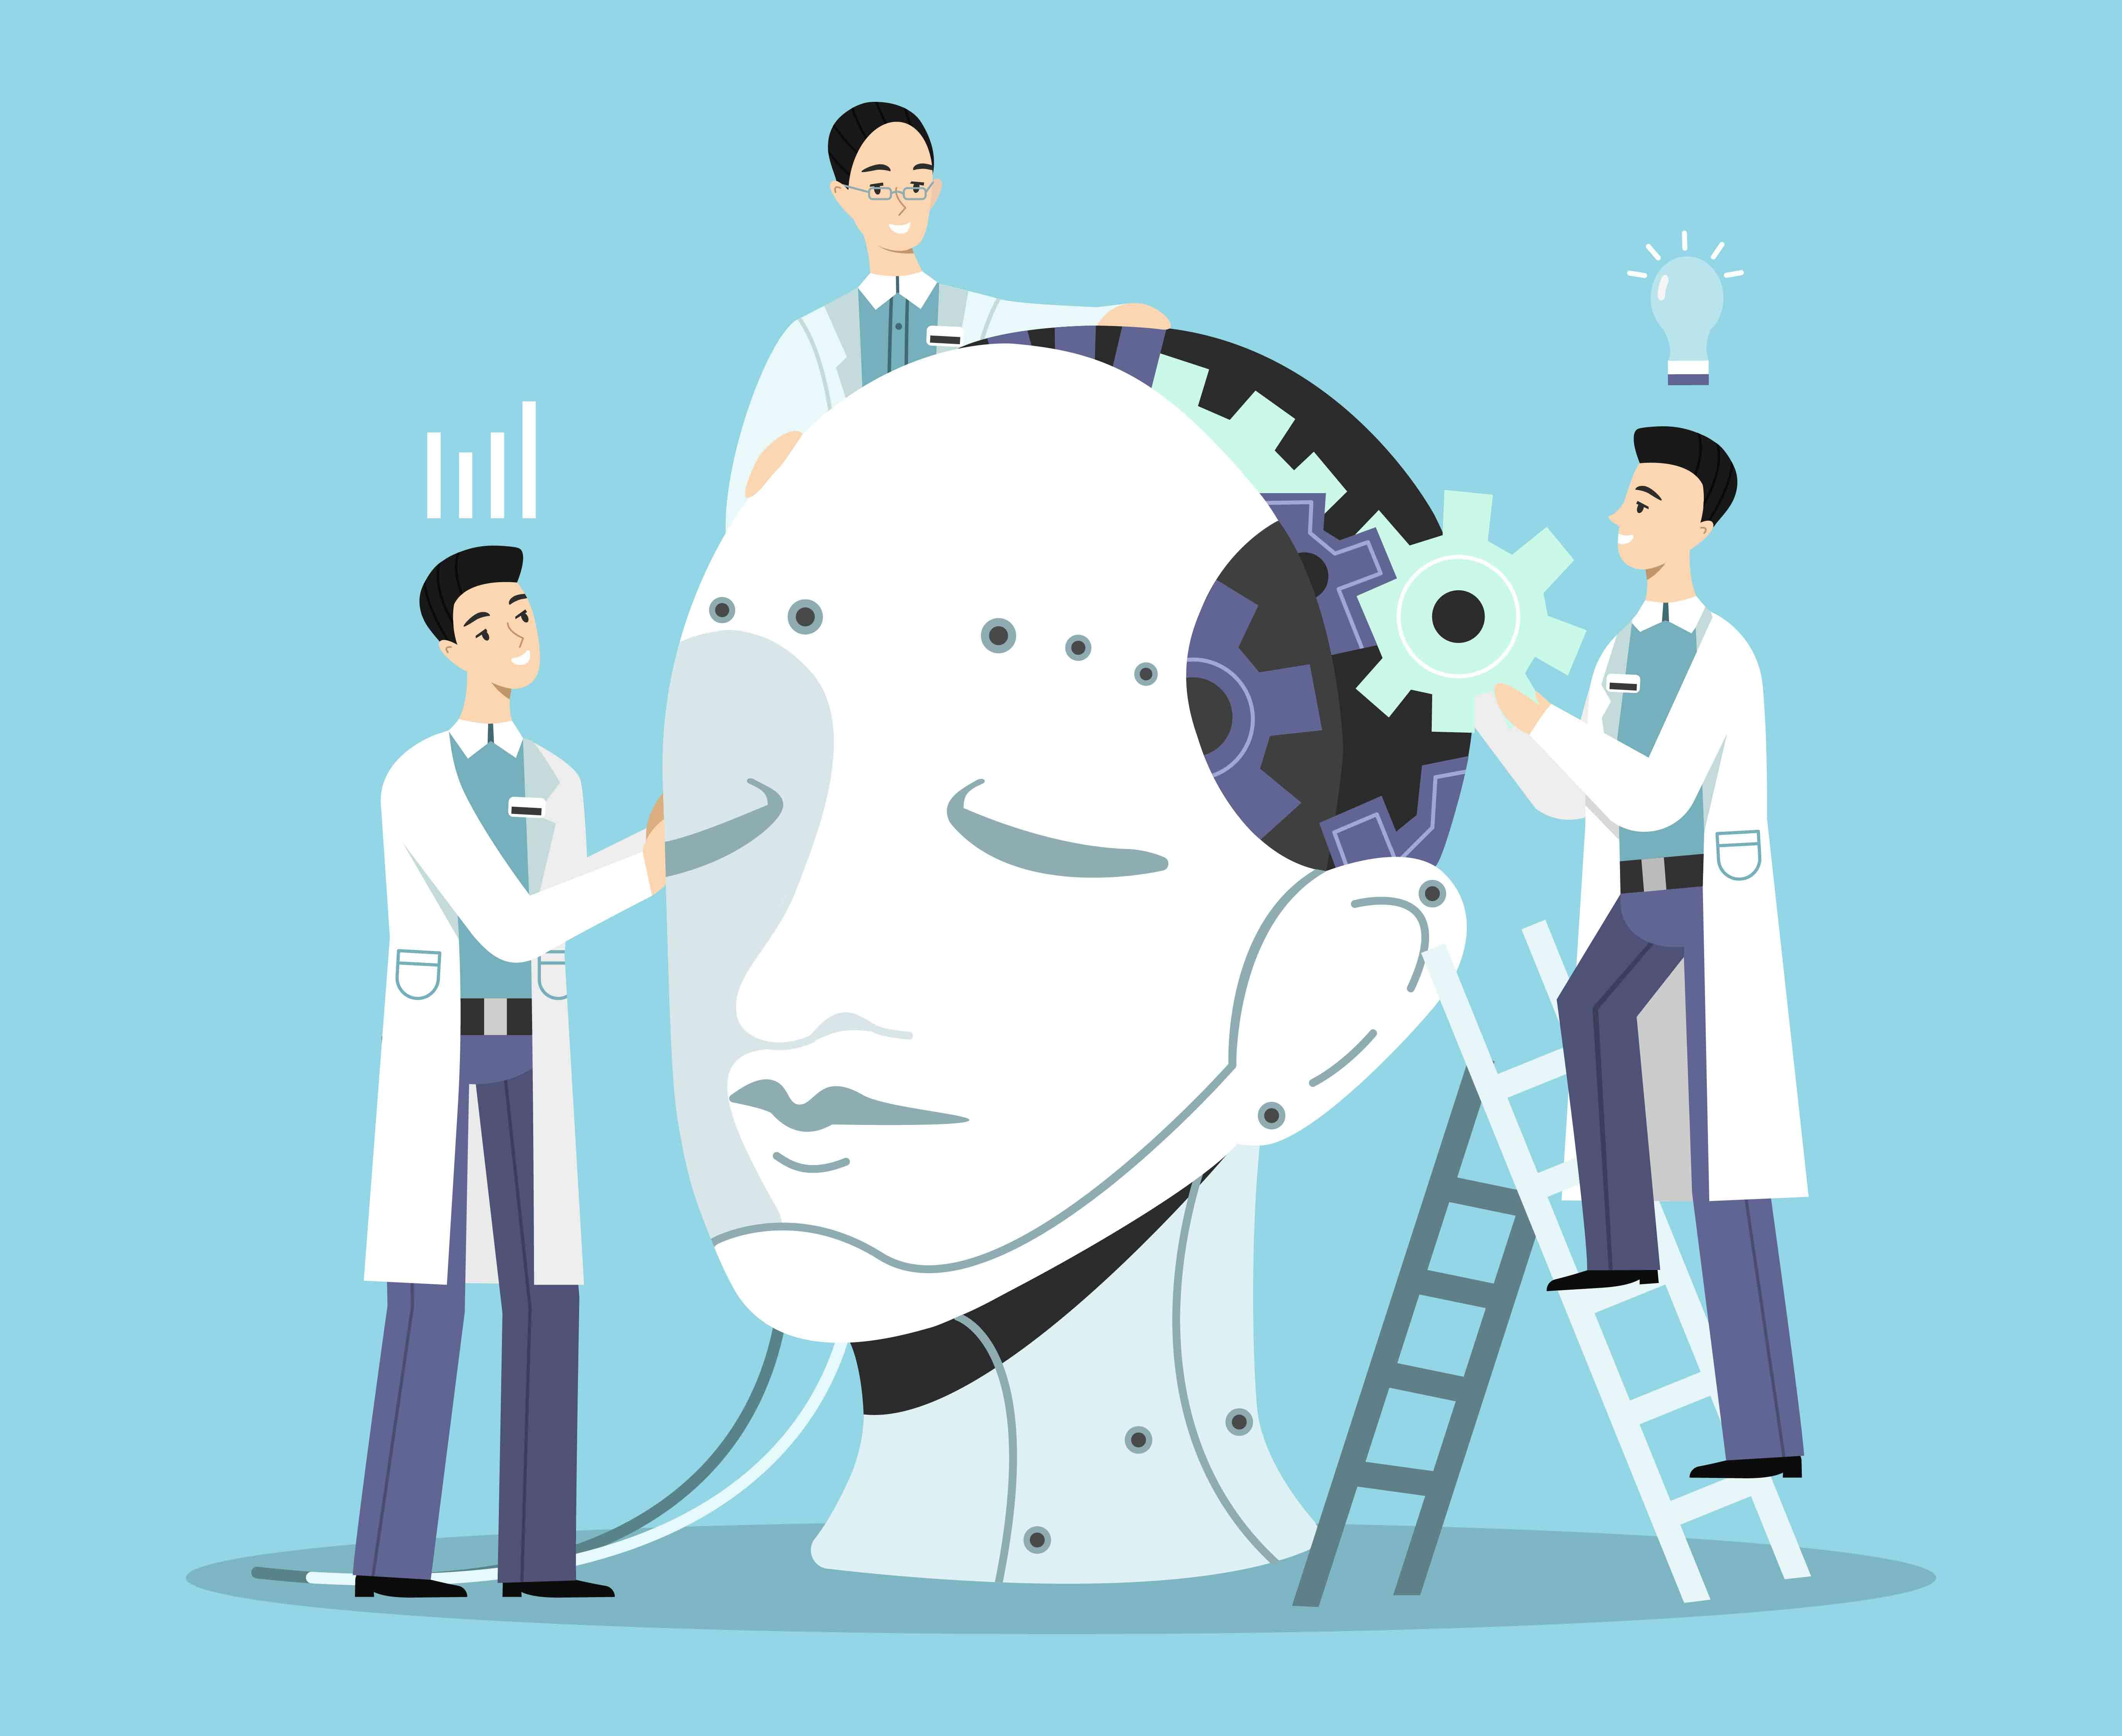 trois scientifiques construisent une intelligence articielle